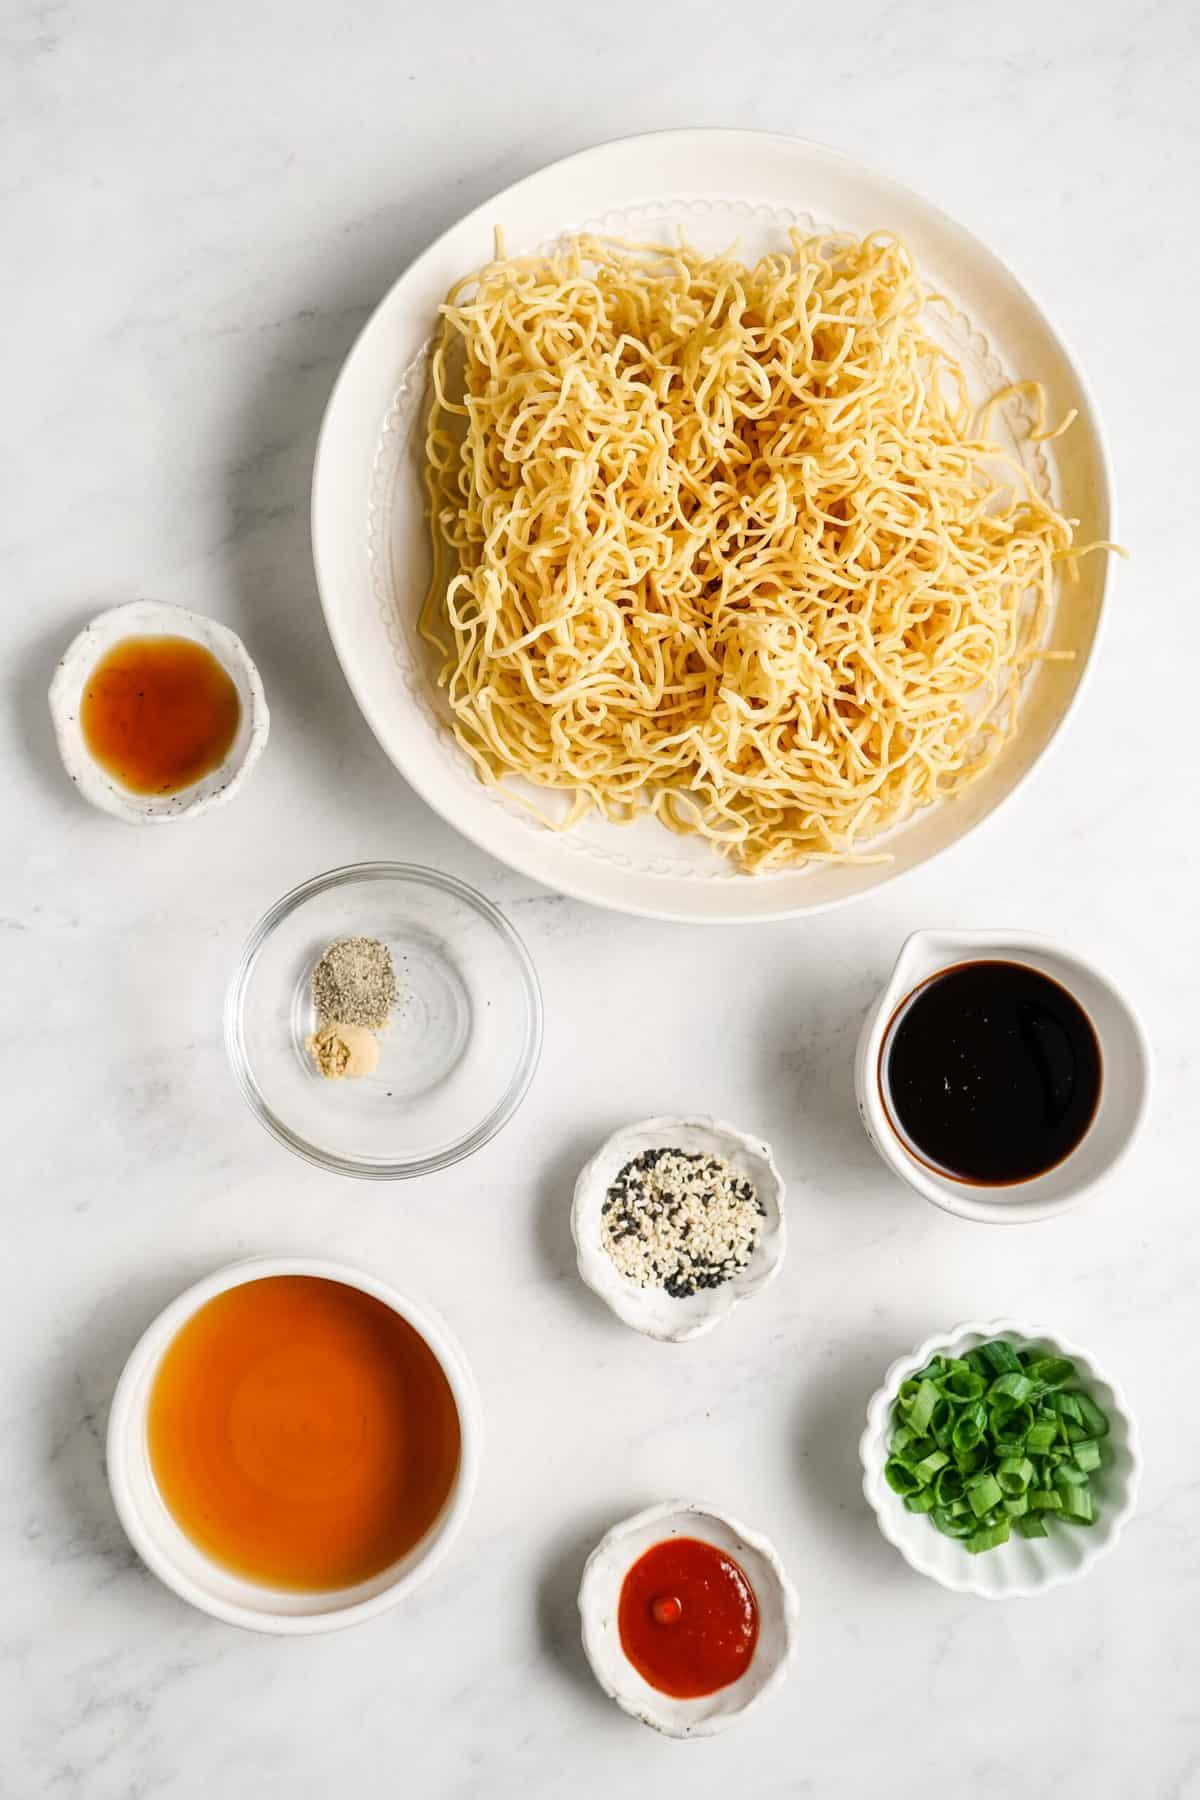 Ingredients for vegan sesame noodles.